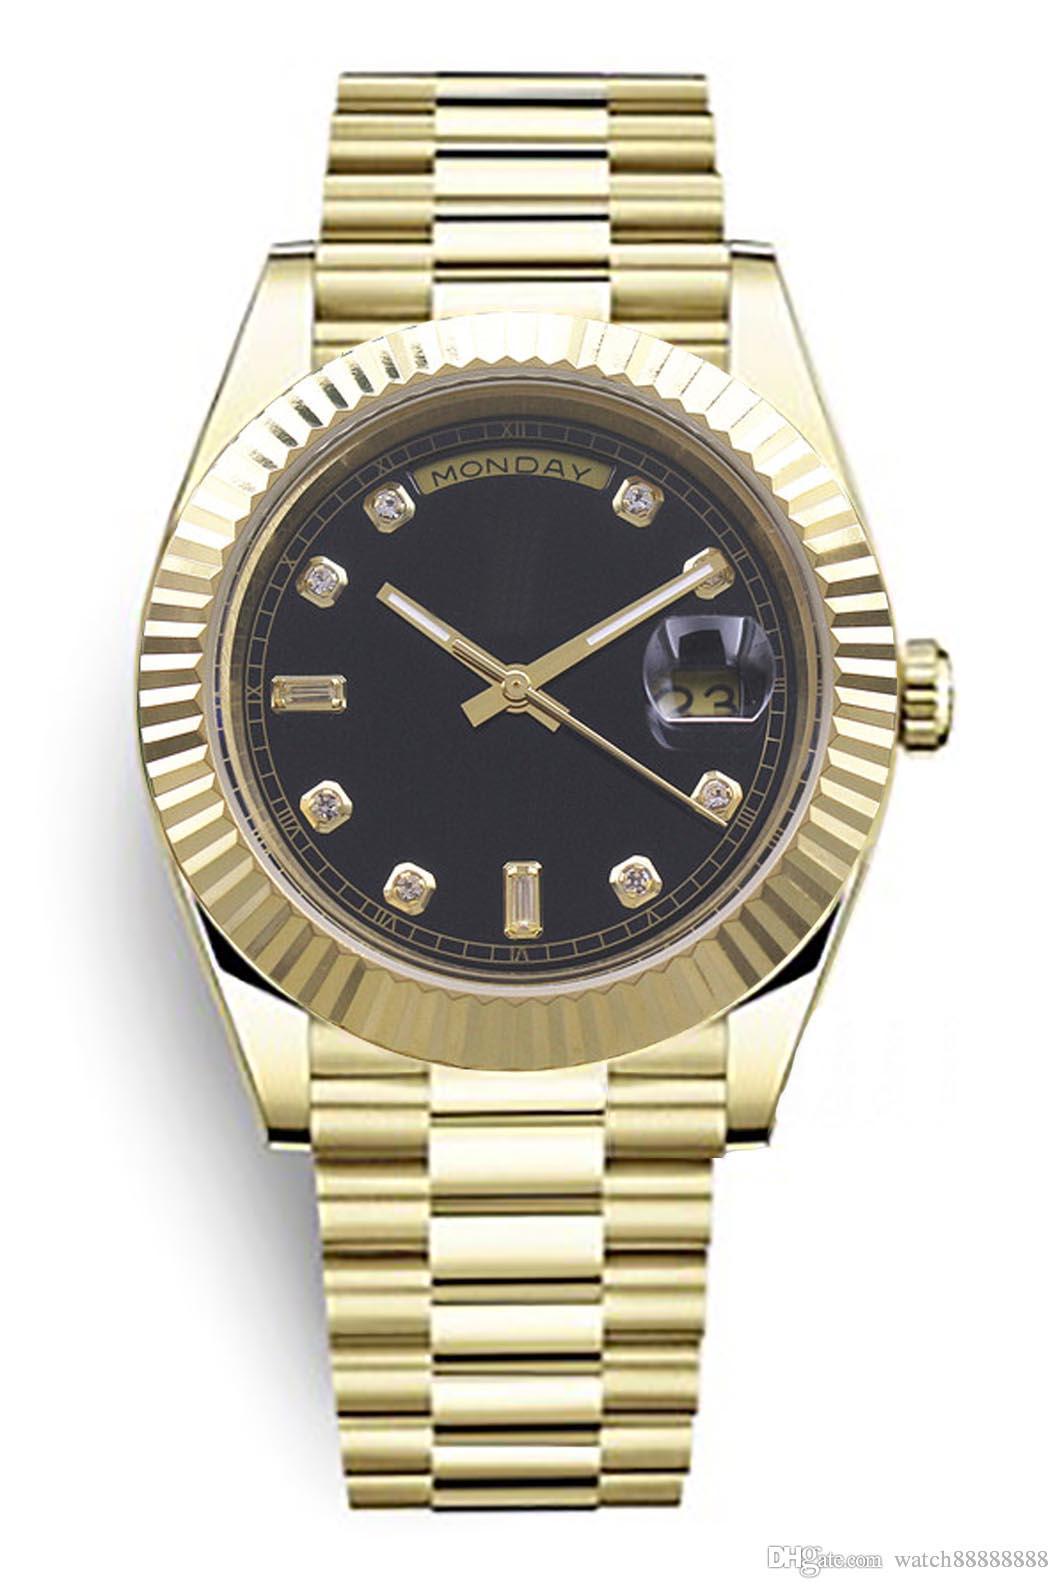 Nuovo orologio da uomo di lusso S105, calendario della settimana m228398tbr, copricapo, cassa in acciaio inossidabile dorato, bordo triangolare, diamante, numeri romani